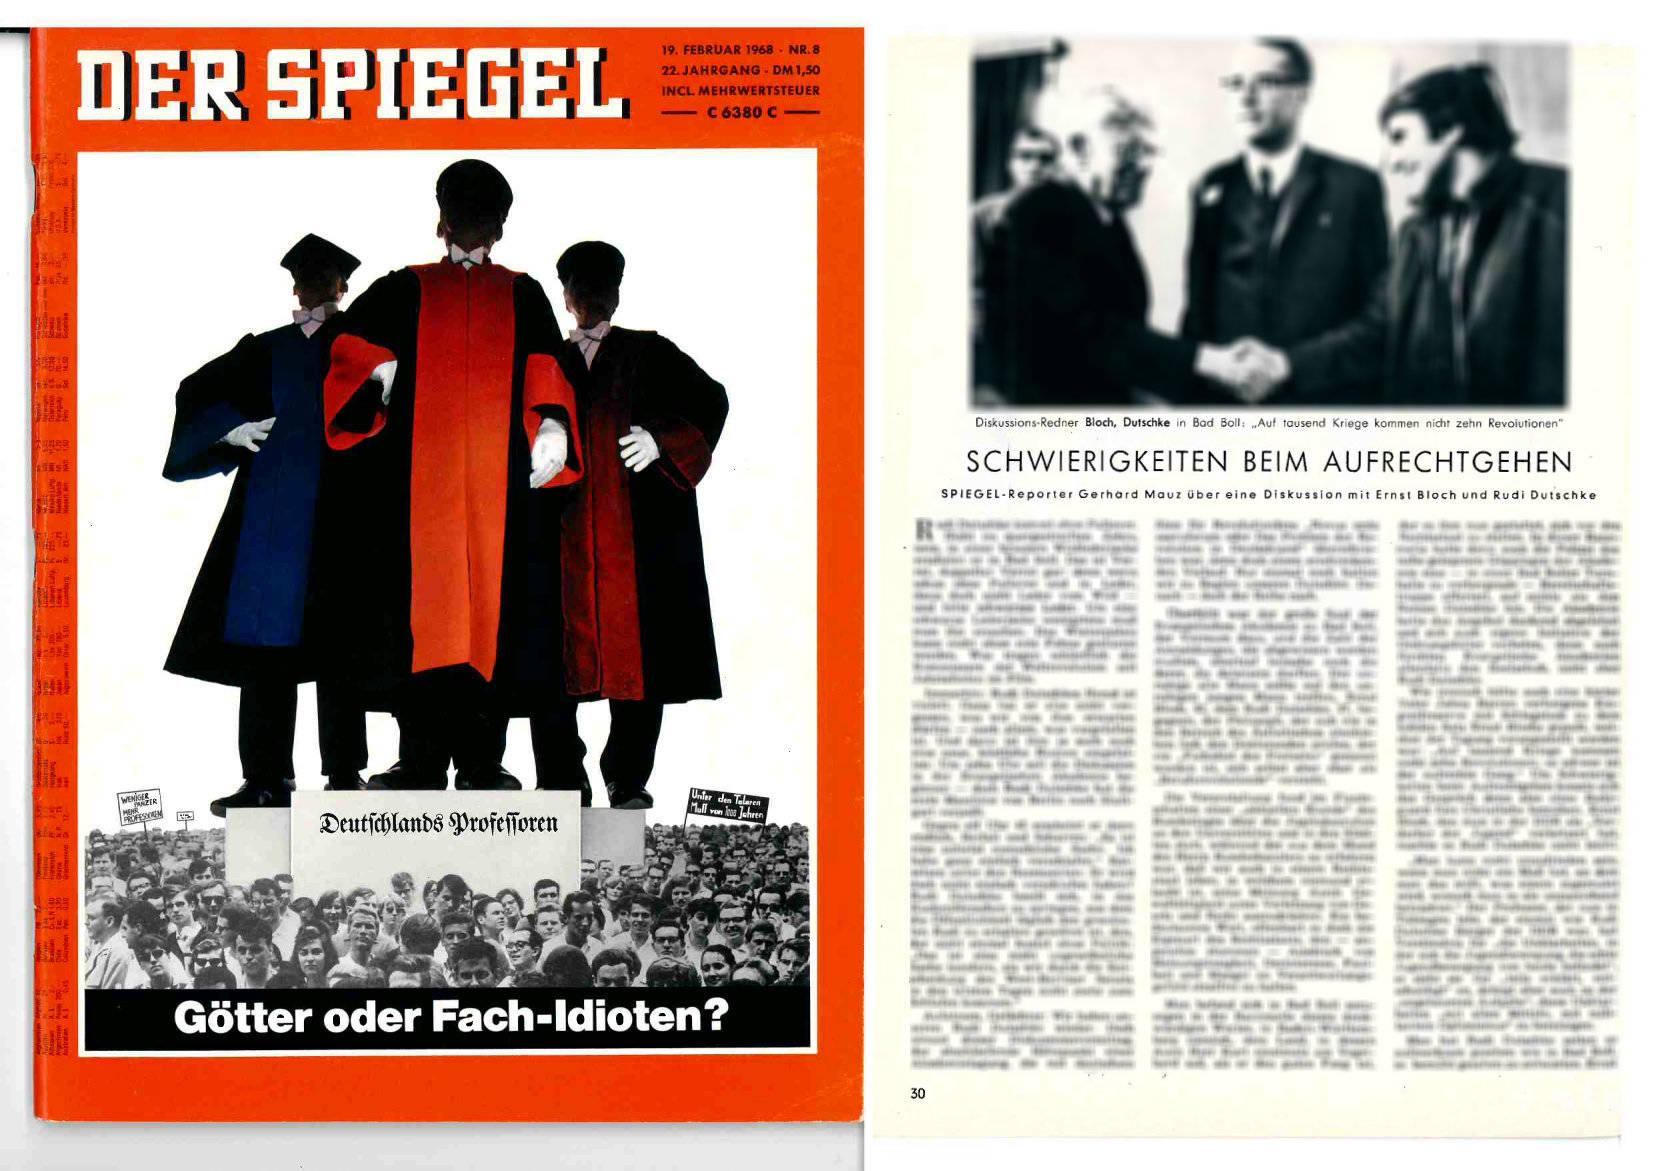 DER SPIEGEL 8/1968 vom 19.02.1968, Seite 30ff. - https://magazin.spiegel.de/EpubDelivery/spiegel/pdf/46122776